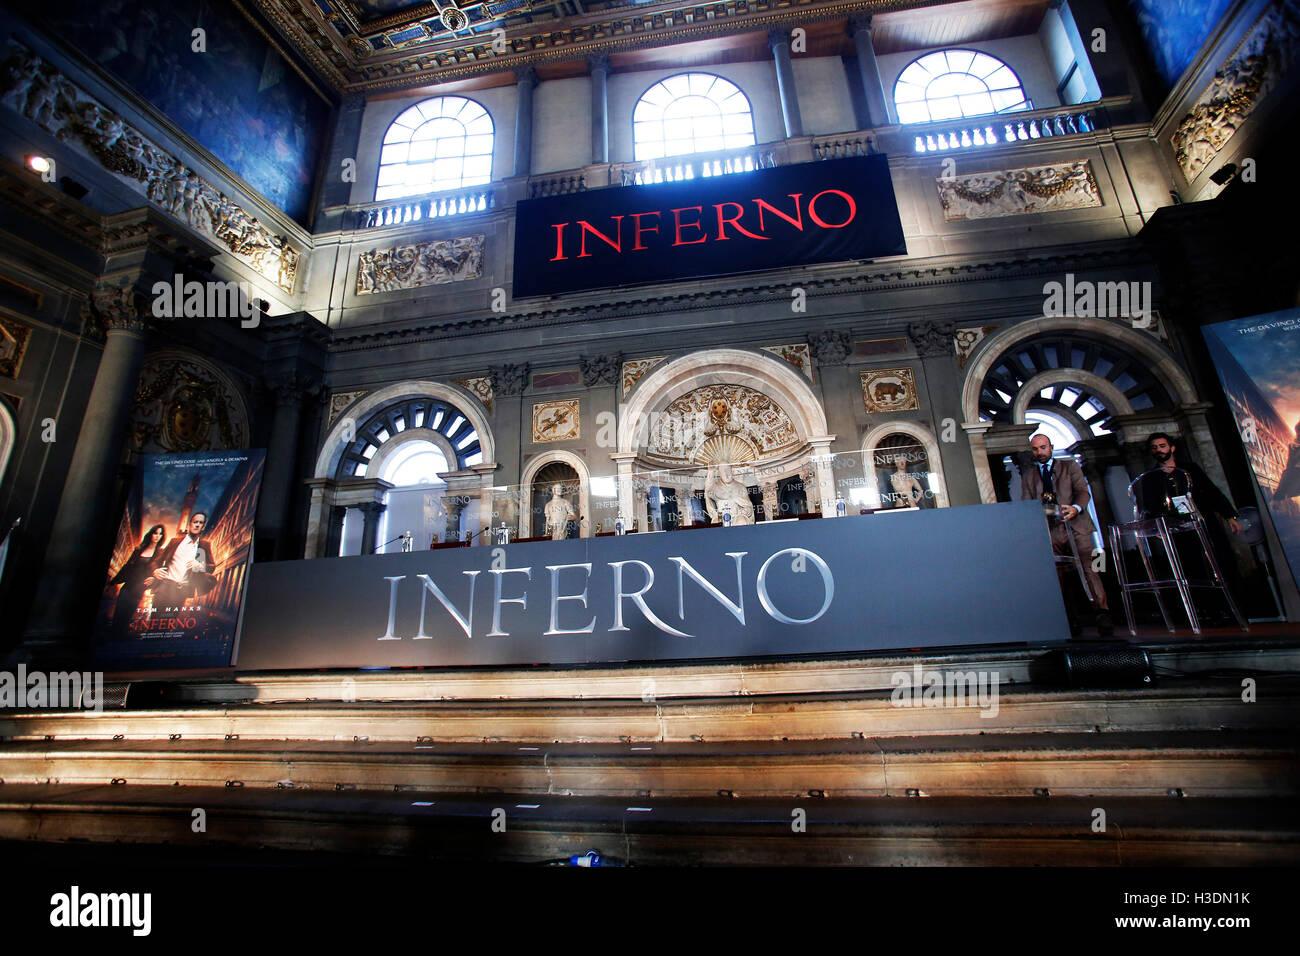 """Firenze, Italia. Il 6 ottobre, 2016. Firenze il 6 ottobre 2016. """"L'Inferno"""" Photocall, Premiere mondiale. Immagini Stock"""